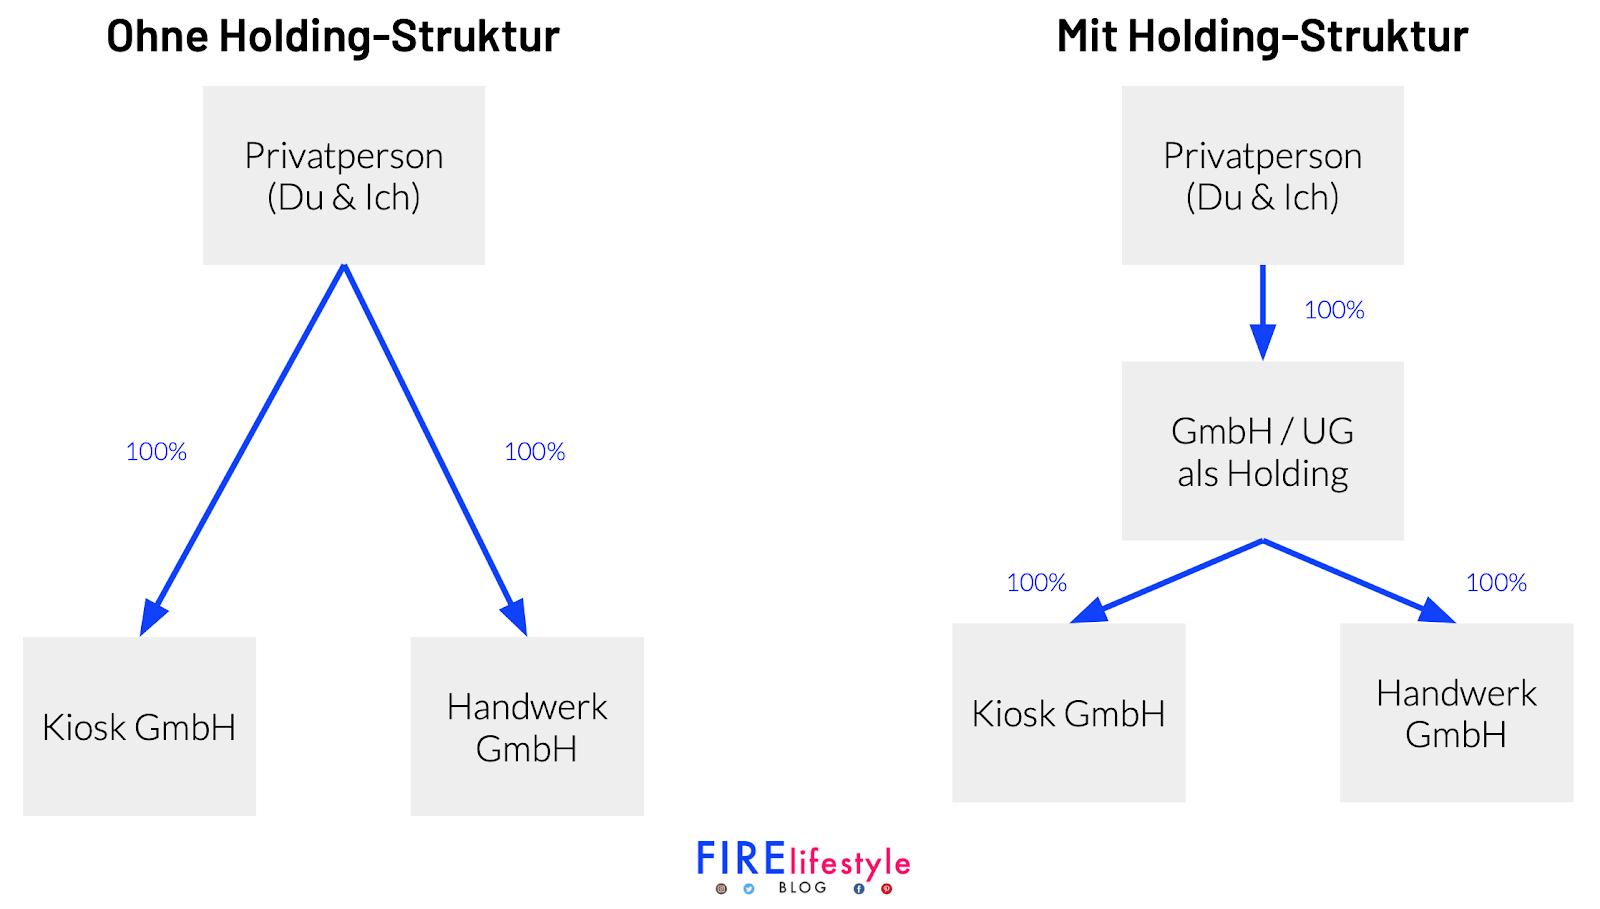 UG oder GmbH als Holding gründen für Holding Struktur